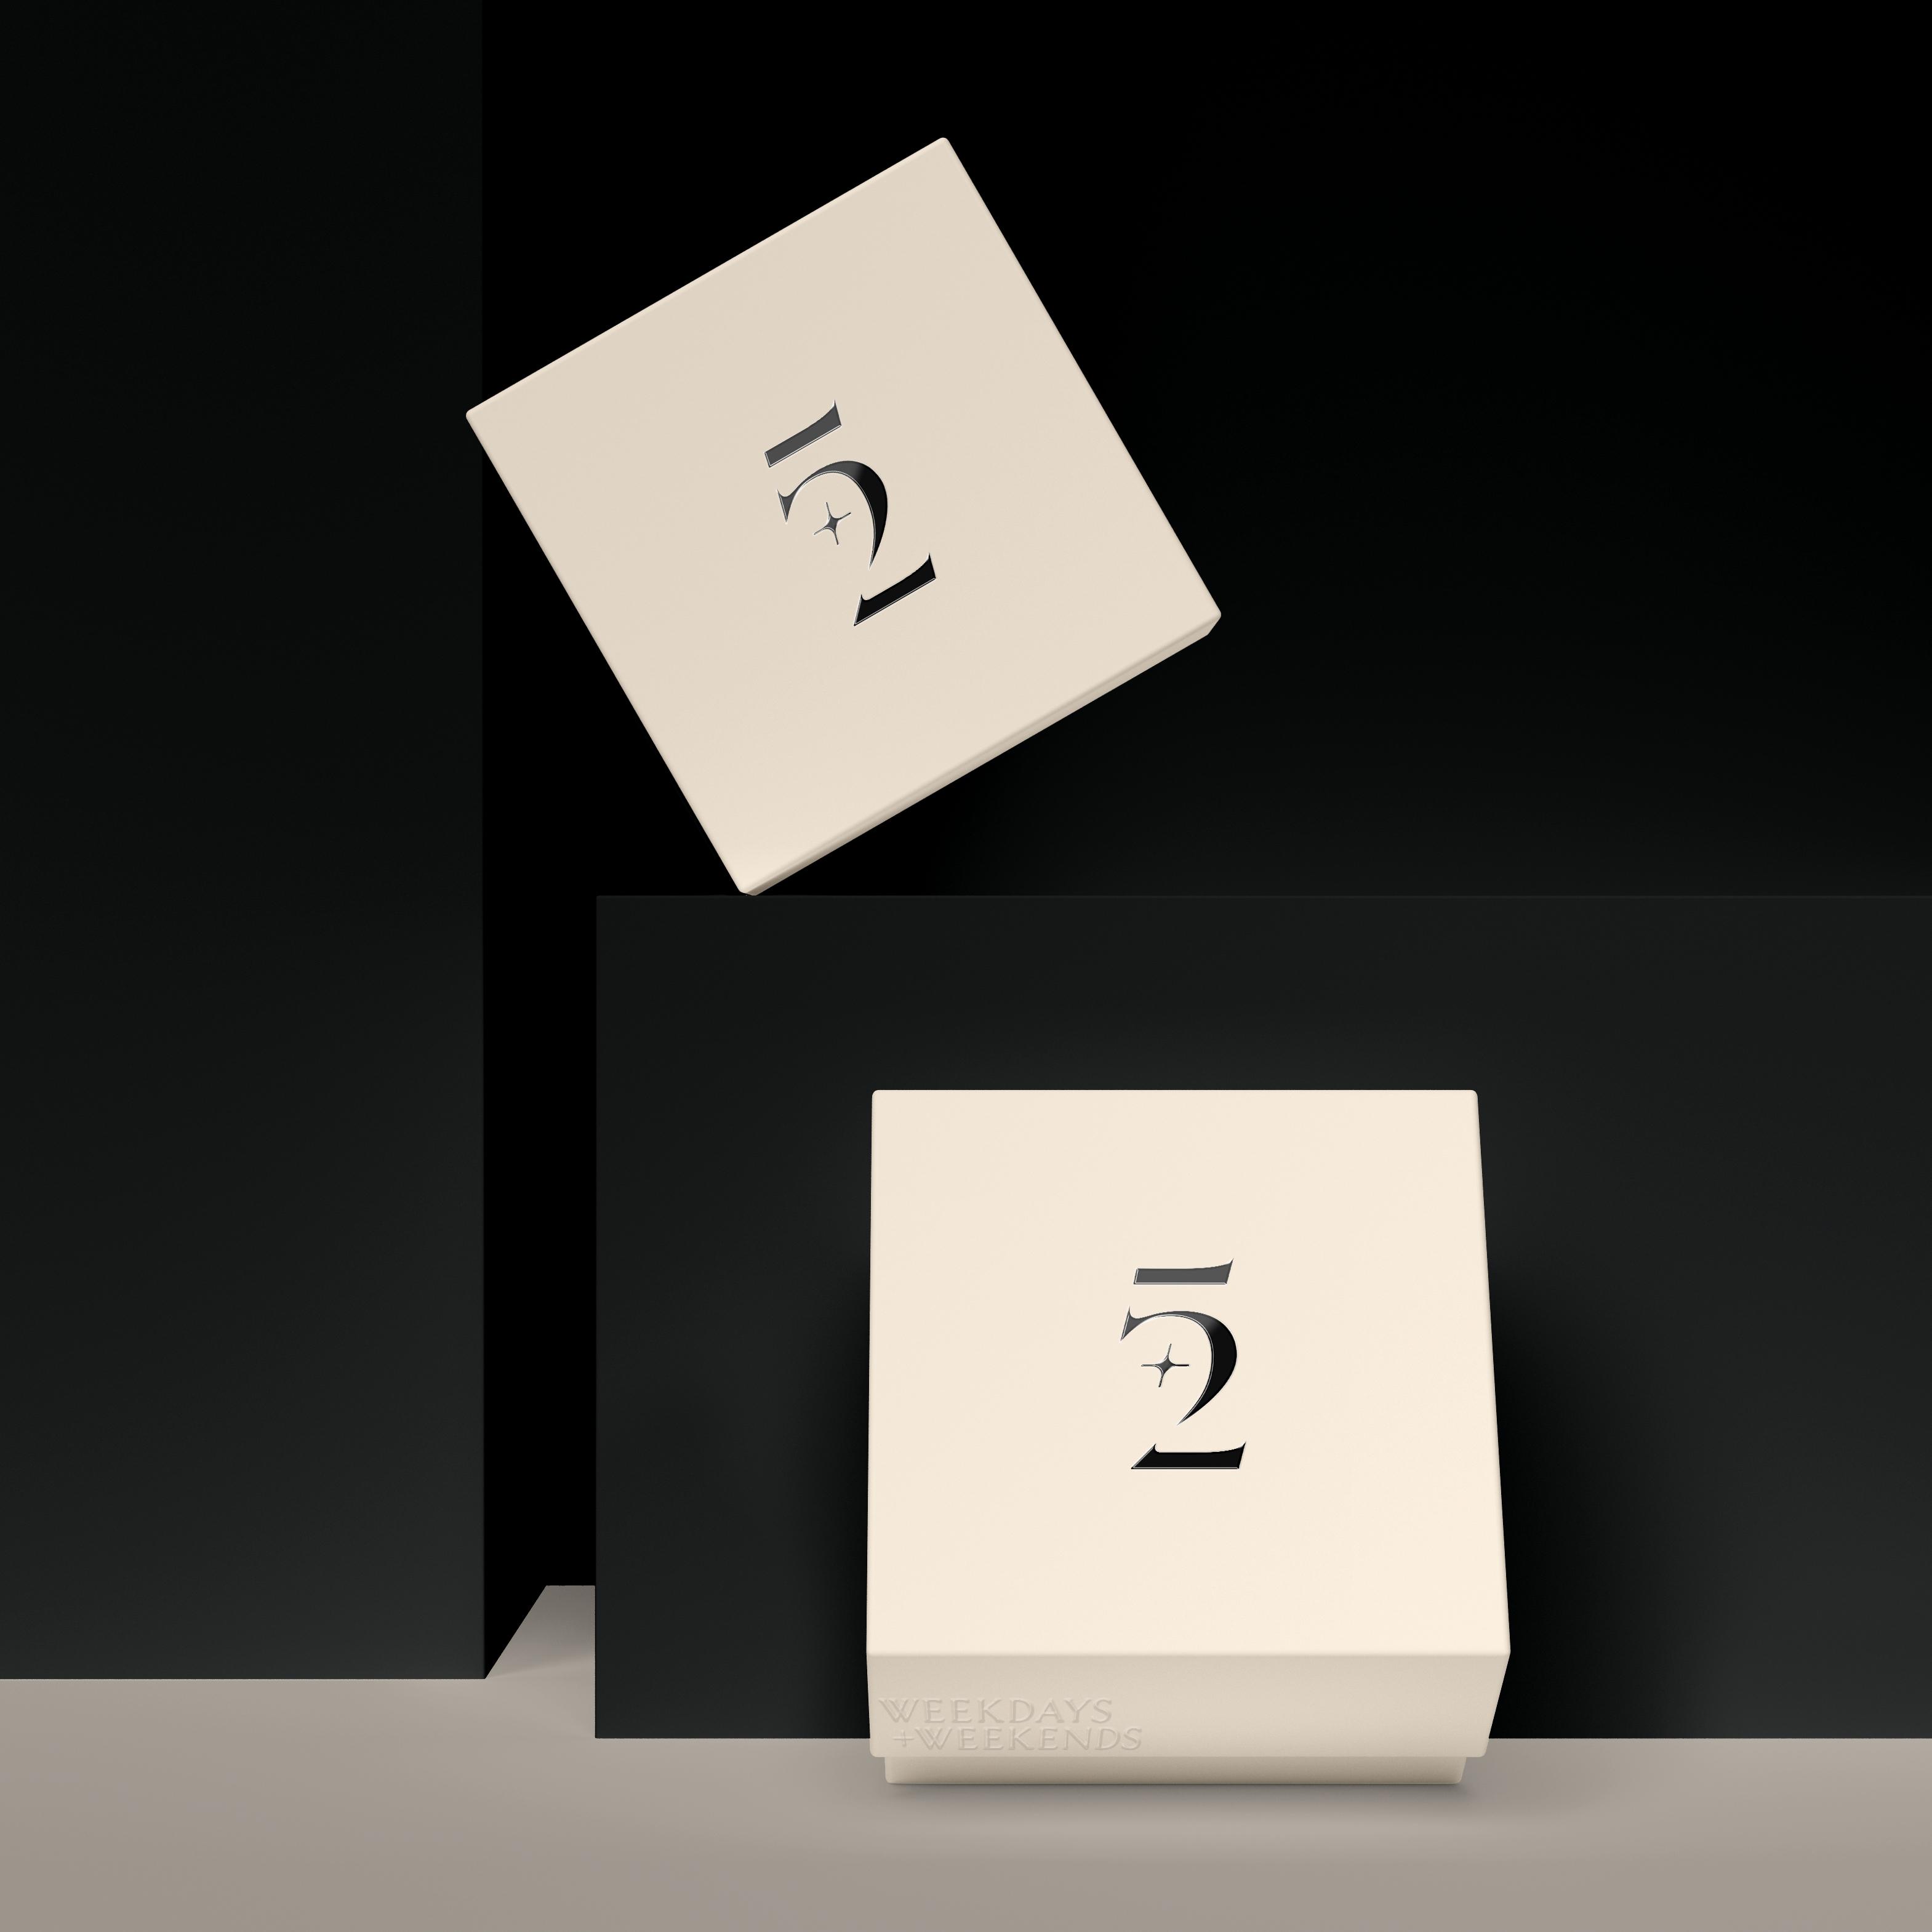 5+2 packaging